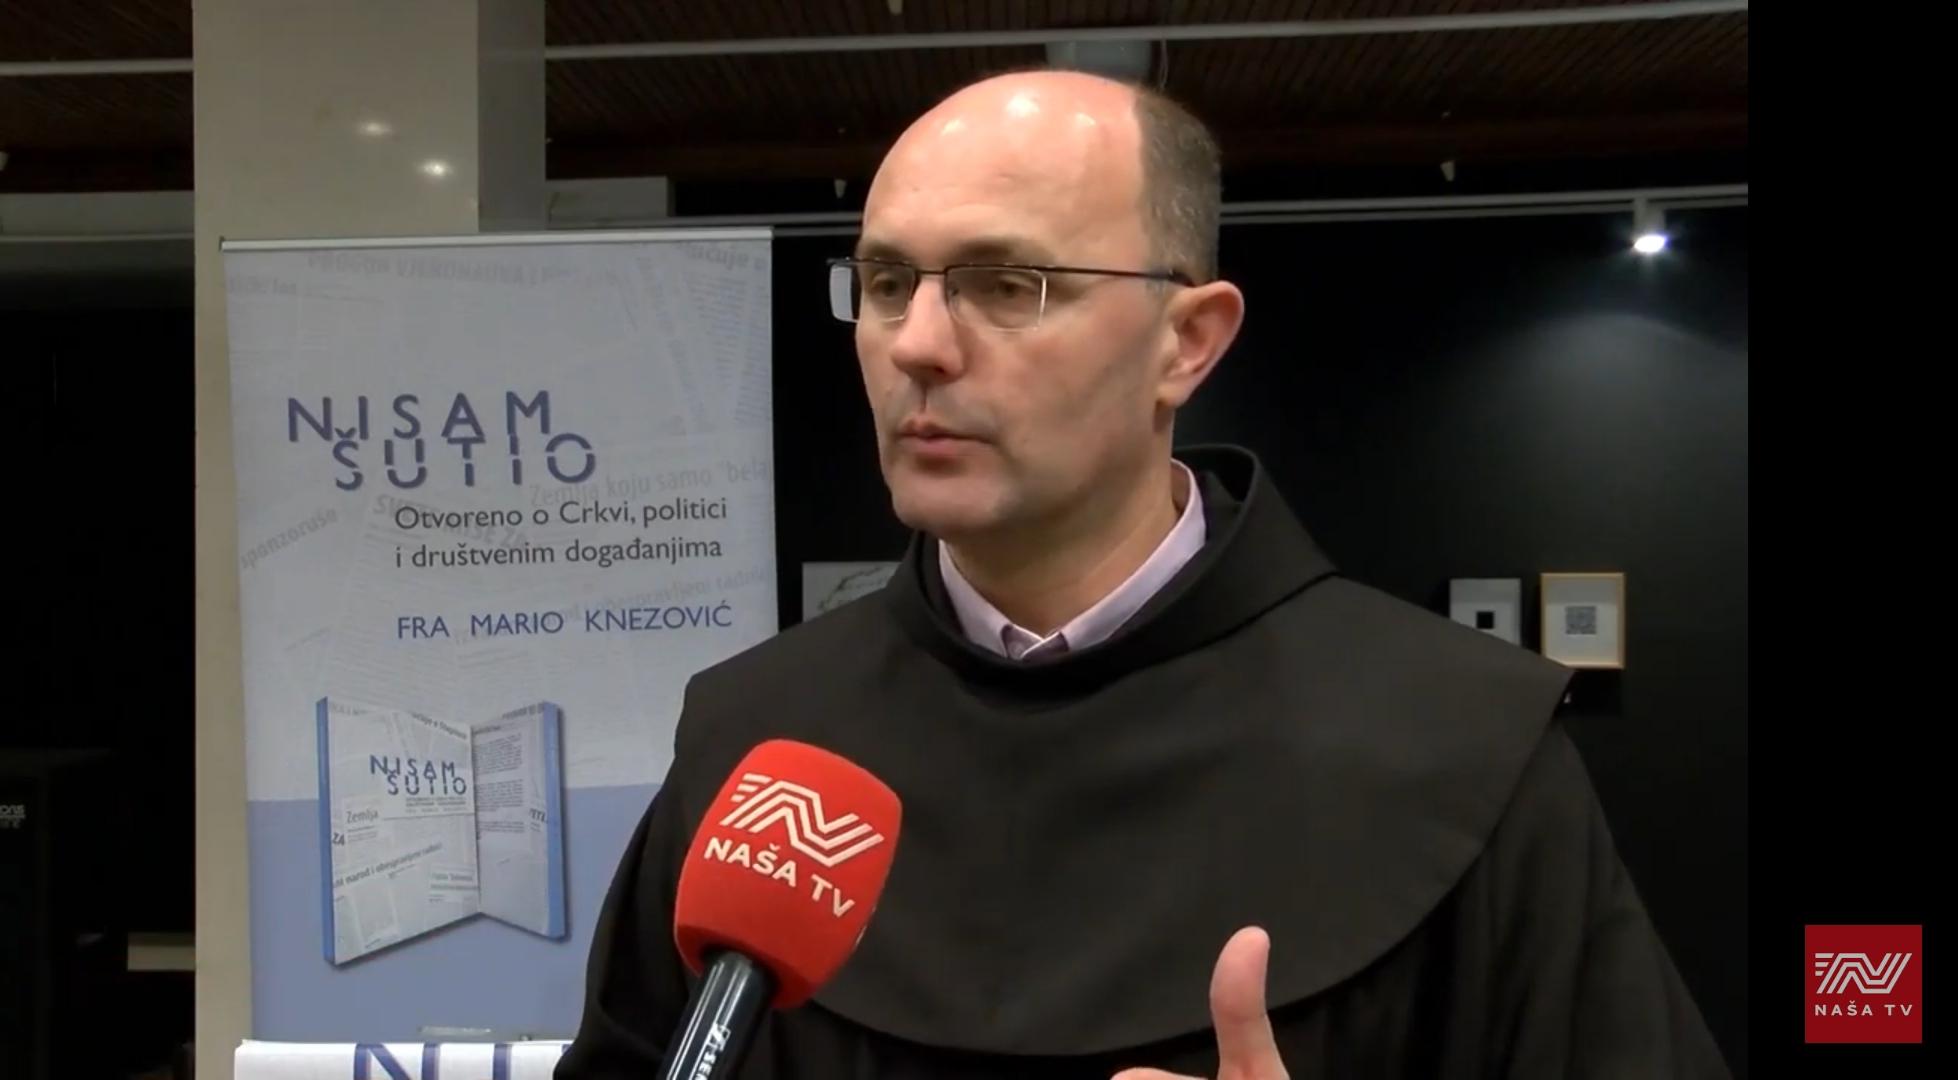 Promocija knjige fra Marija Knezovića 3.12.2019.